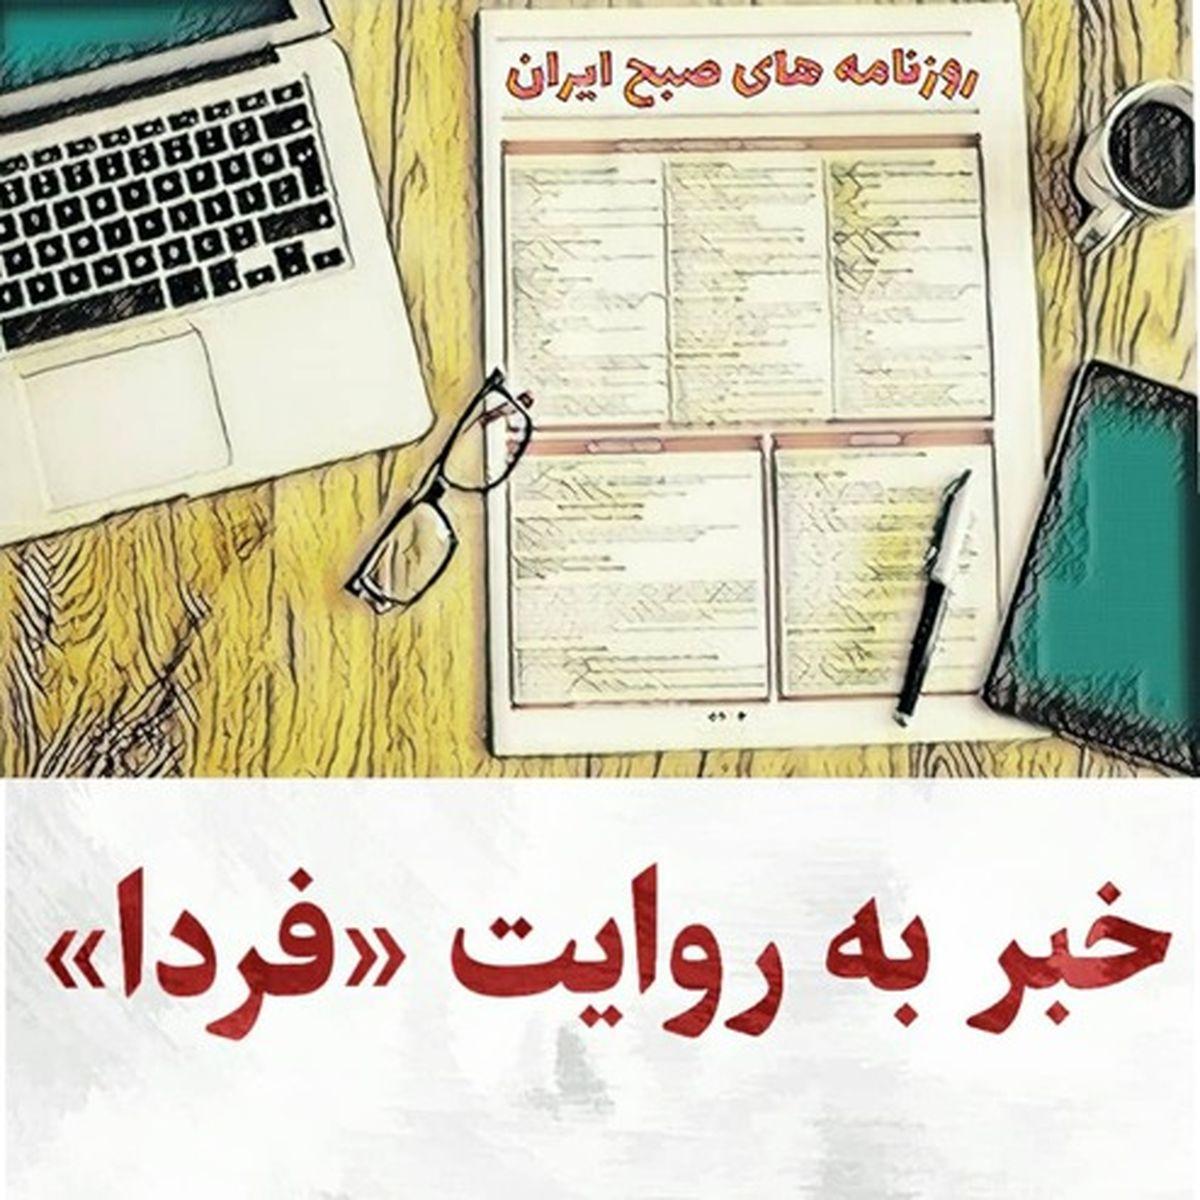 سایه سنگین گرانی بر روان کارگران/ سکوت حناچی در قبال بازداشت شهرداران/ سیاهنمایی «ایران» درباره تغییرات بودجهای